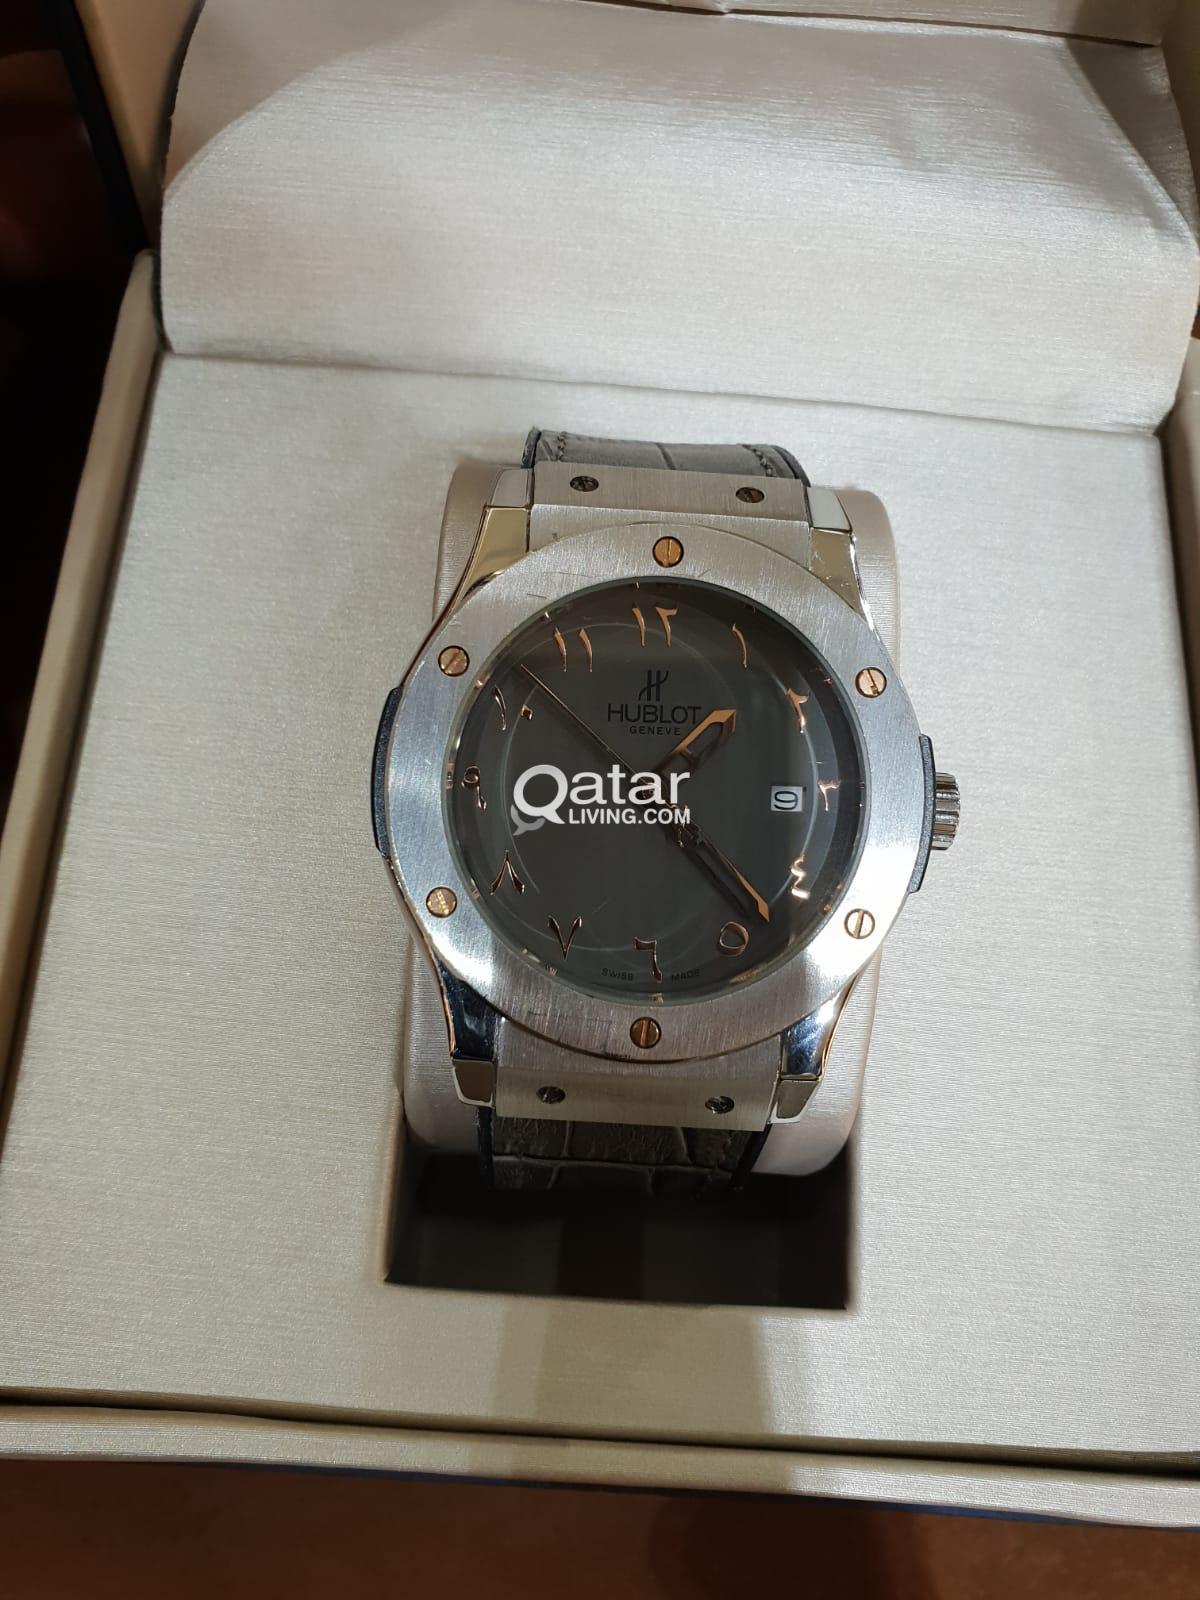 6f7045c26e3ff ... Hublot watch arabic numbers ساعة هوبلو ارقام عربي ...